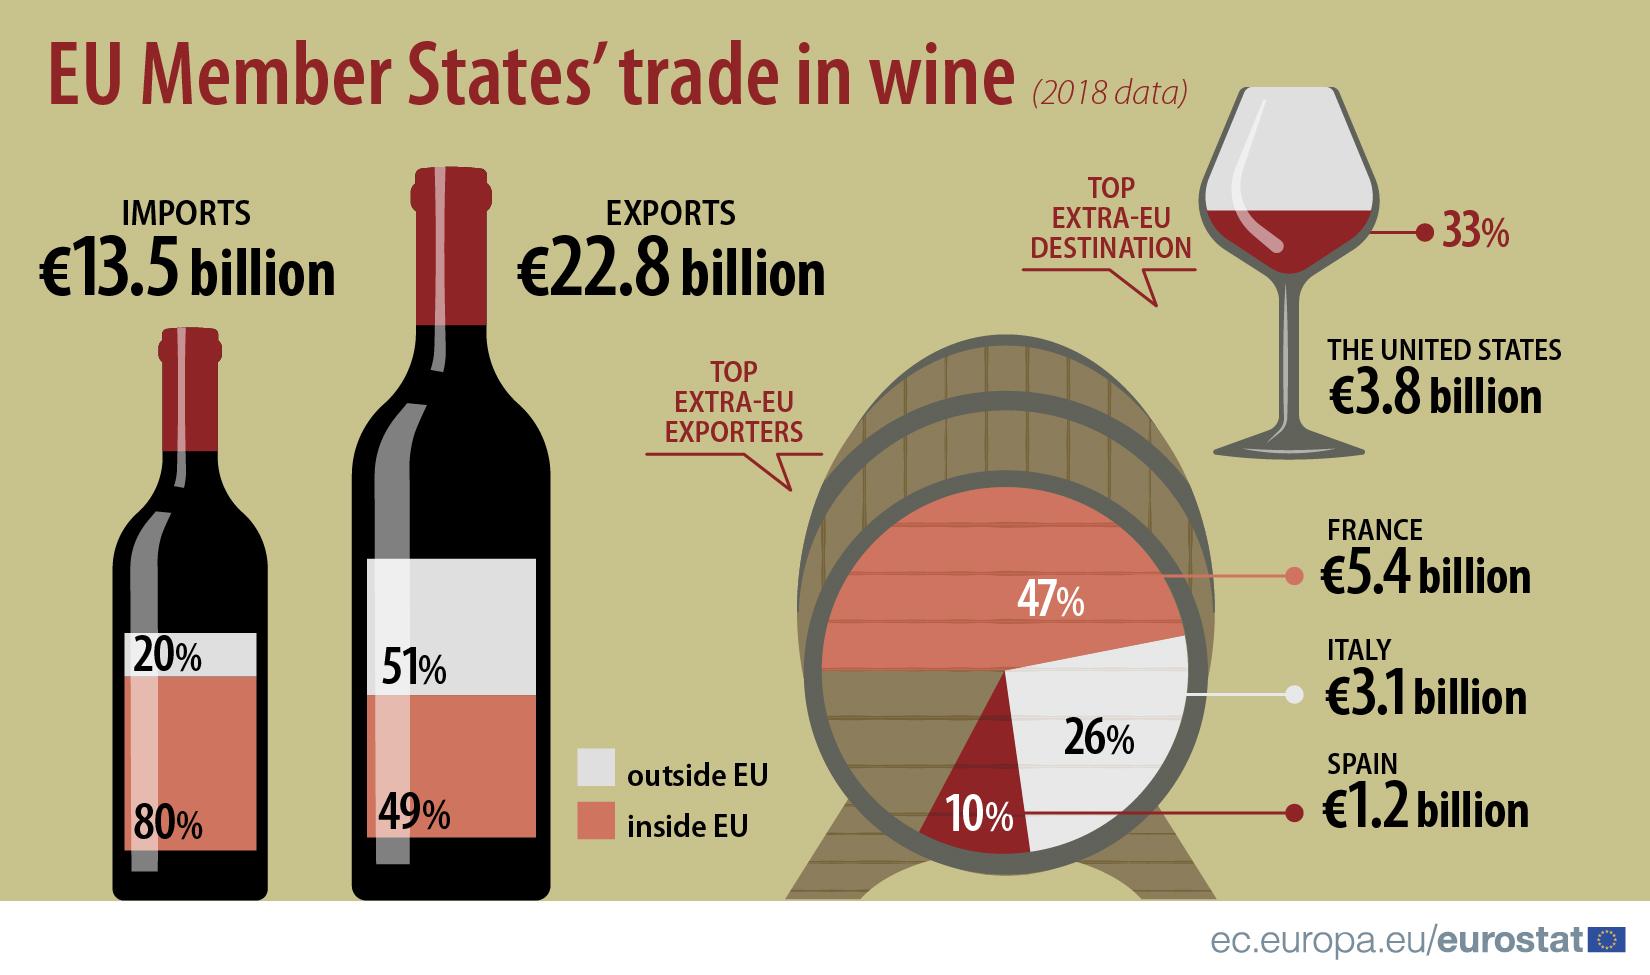 Comercio de vinos de los Estados miembros de la UE, 2018